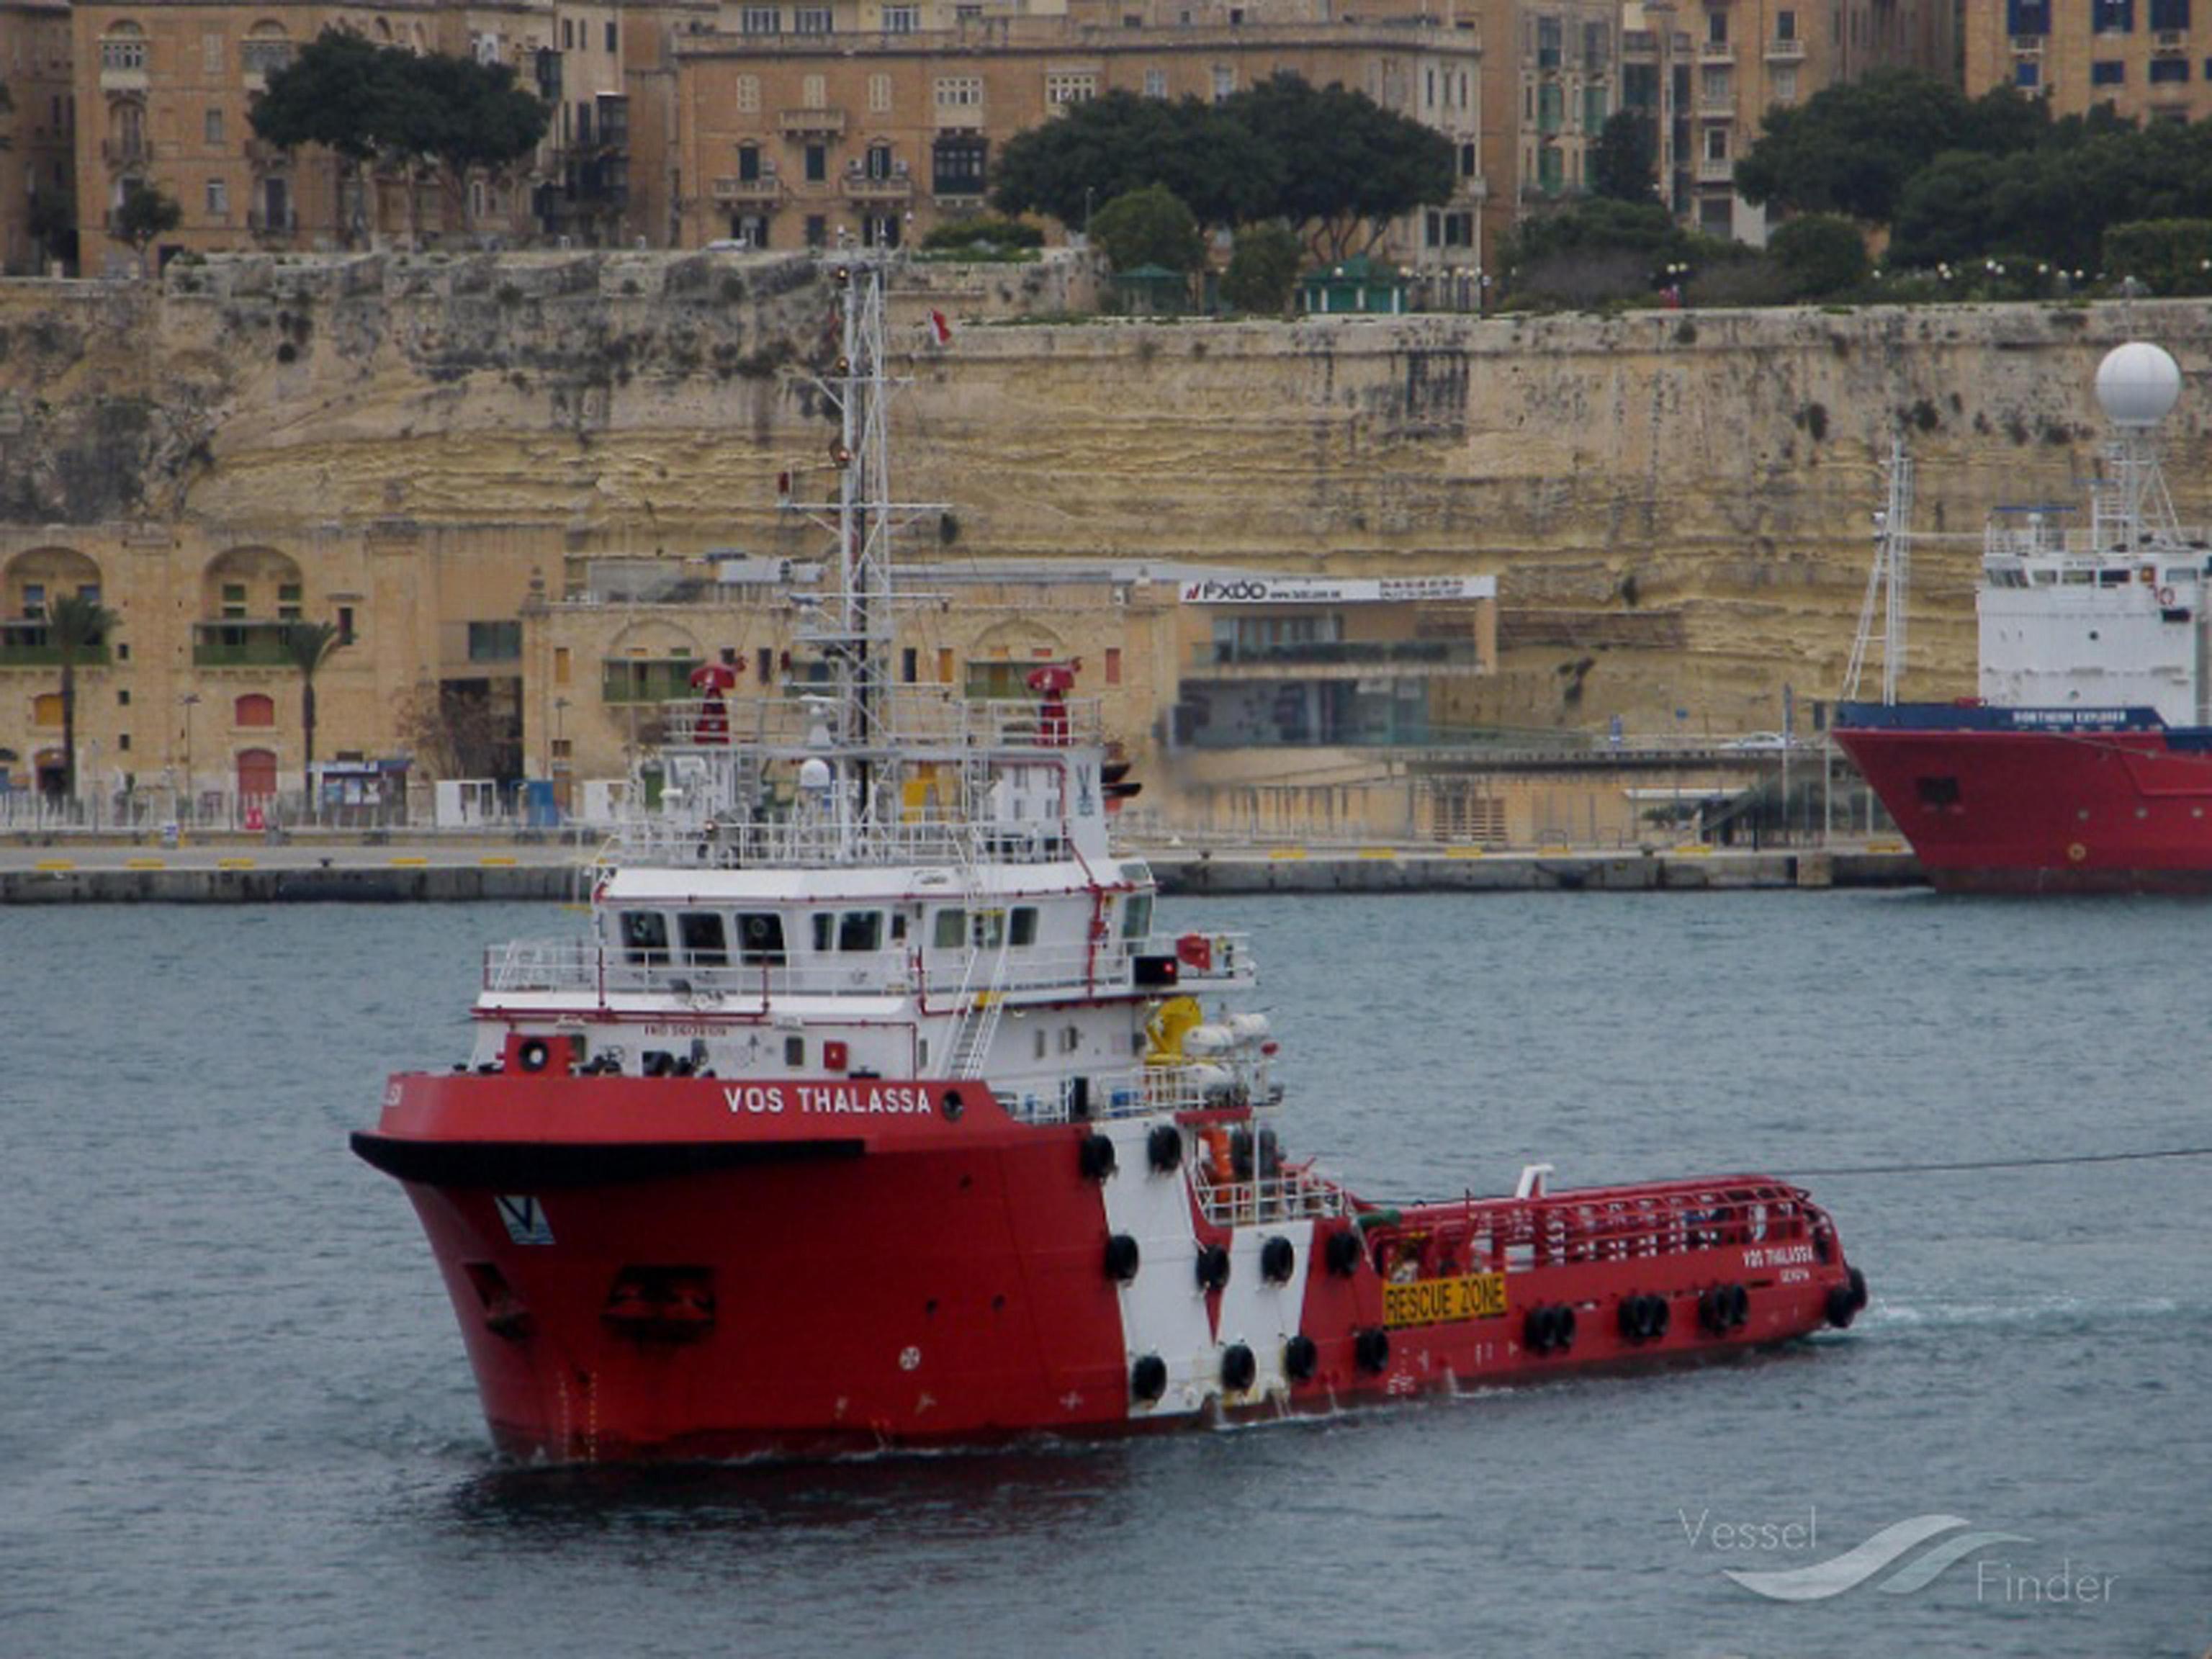 Migranti Vos Thalassa trasferiti su nave Guardia Costiera